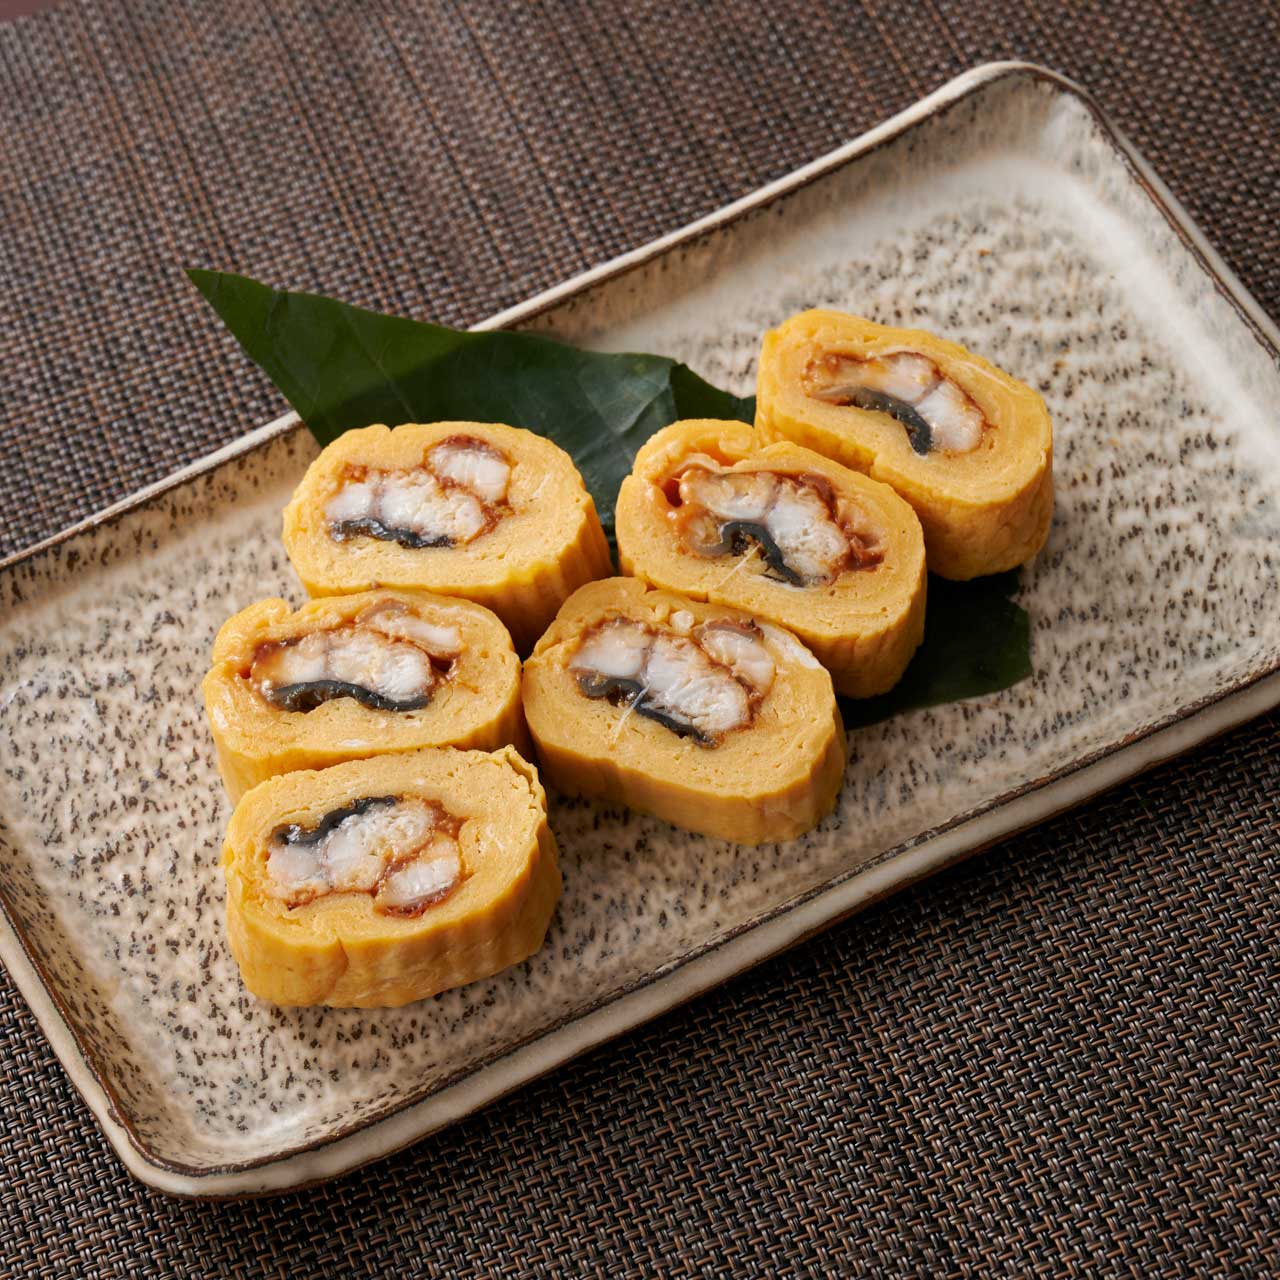 【板前の手仕事】魚惣菜のごちそうセット − 汐 −